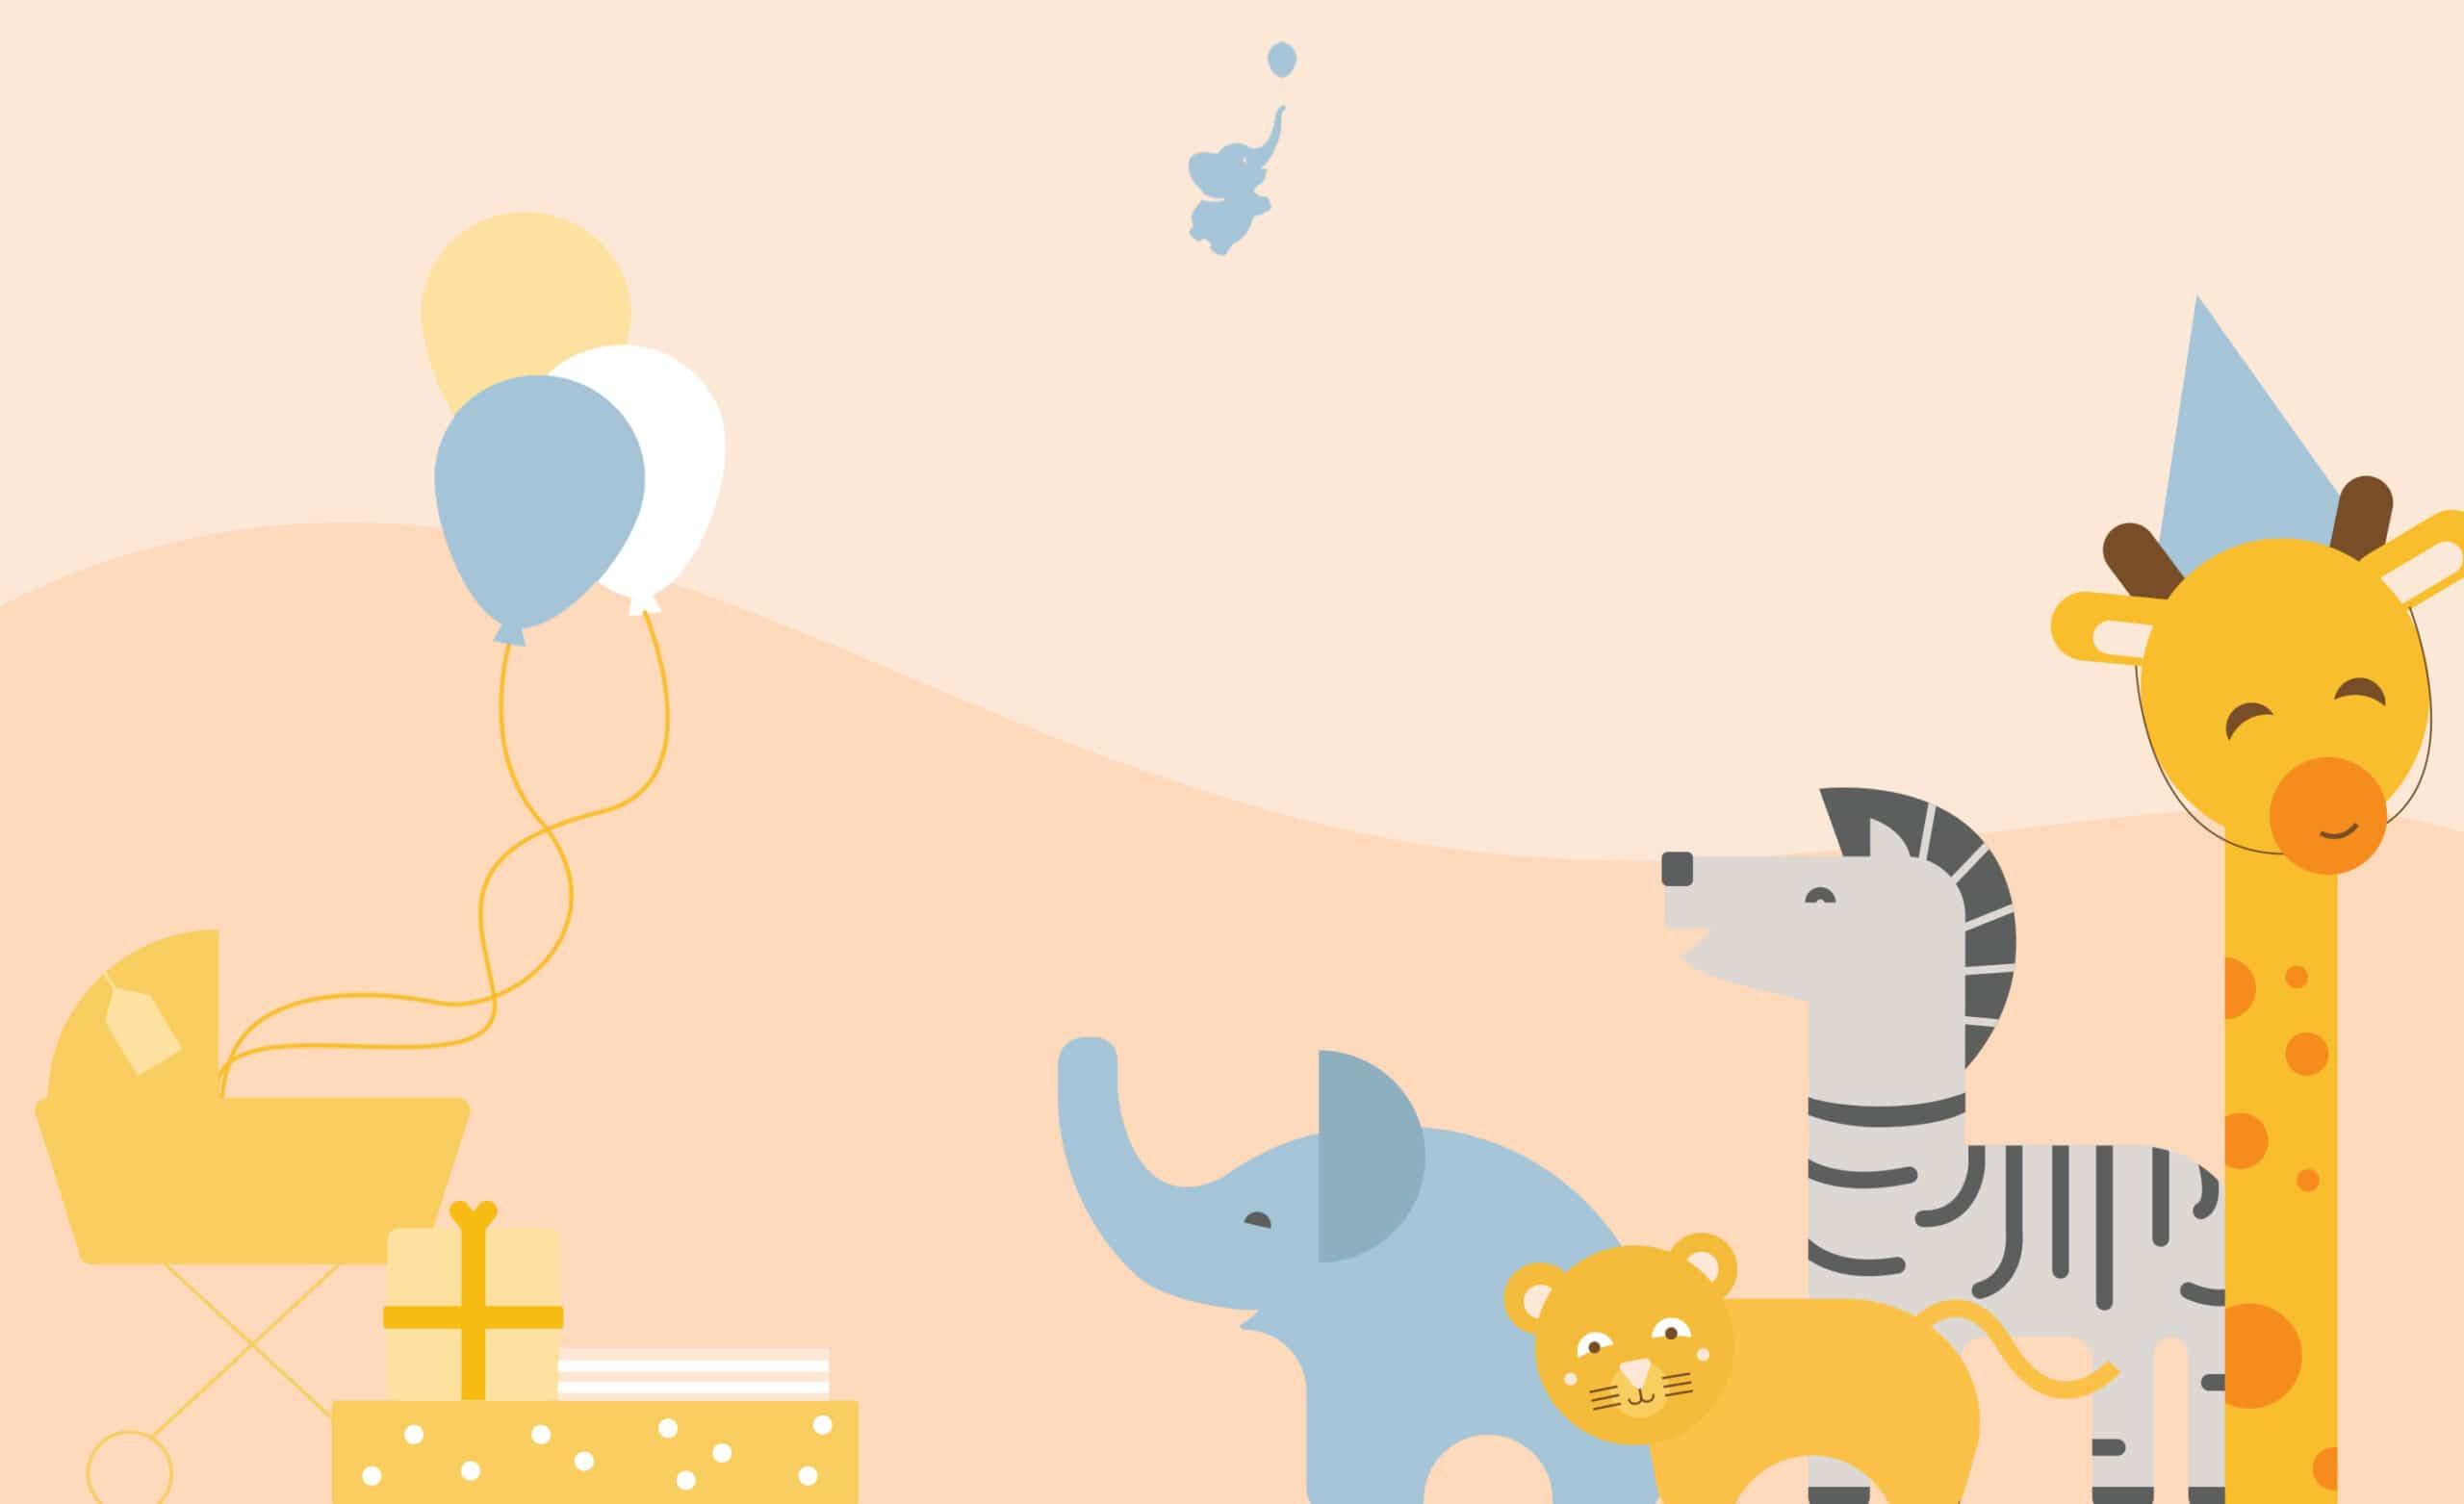 webbabyshower header image balloons giraffe zebra lion elephant gift stroller